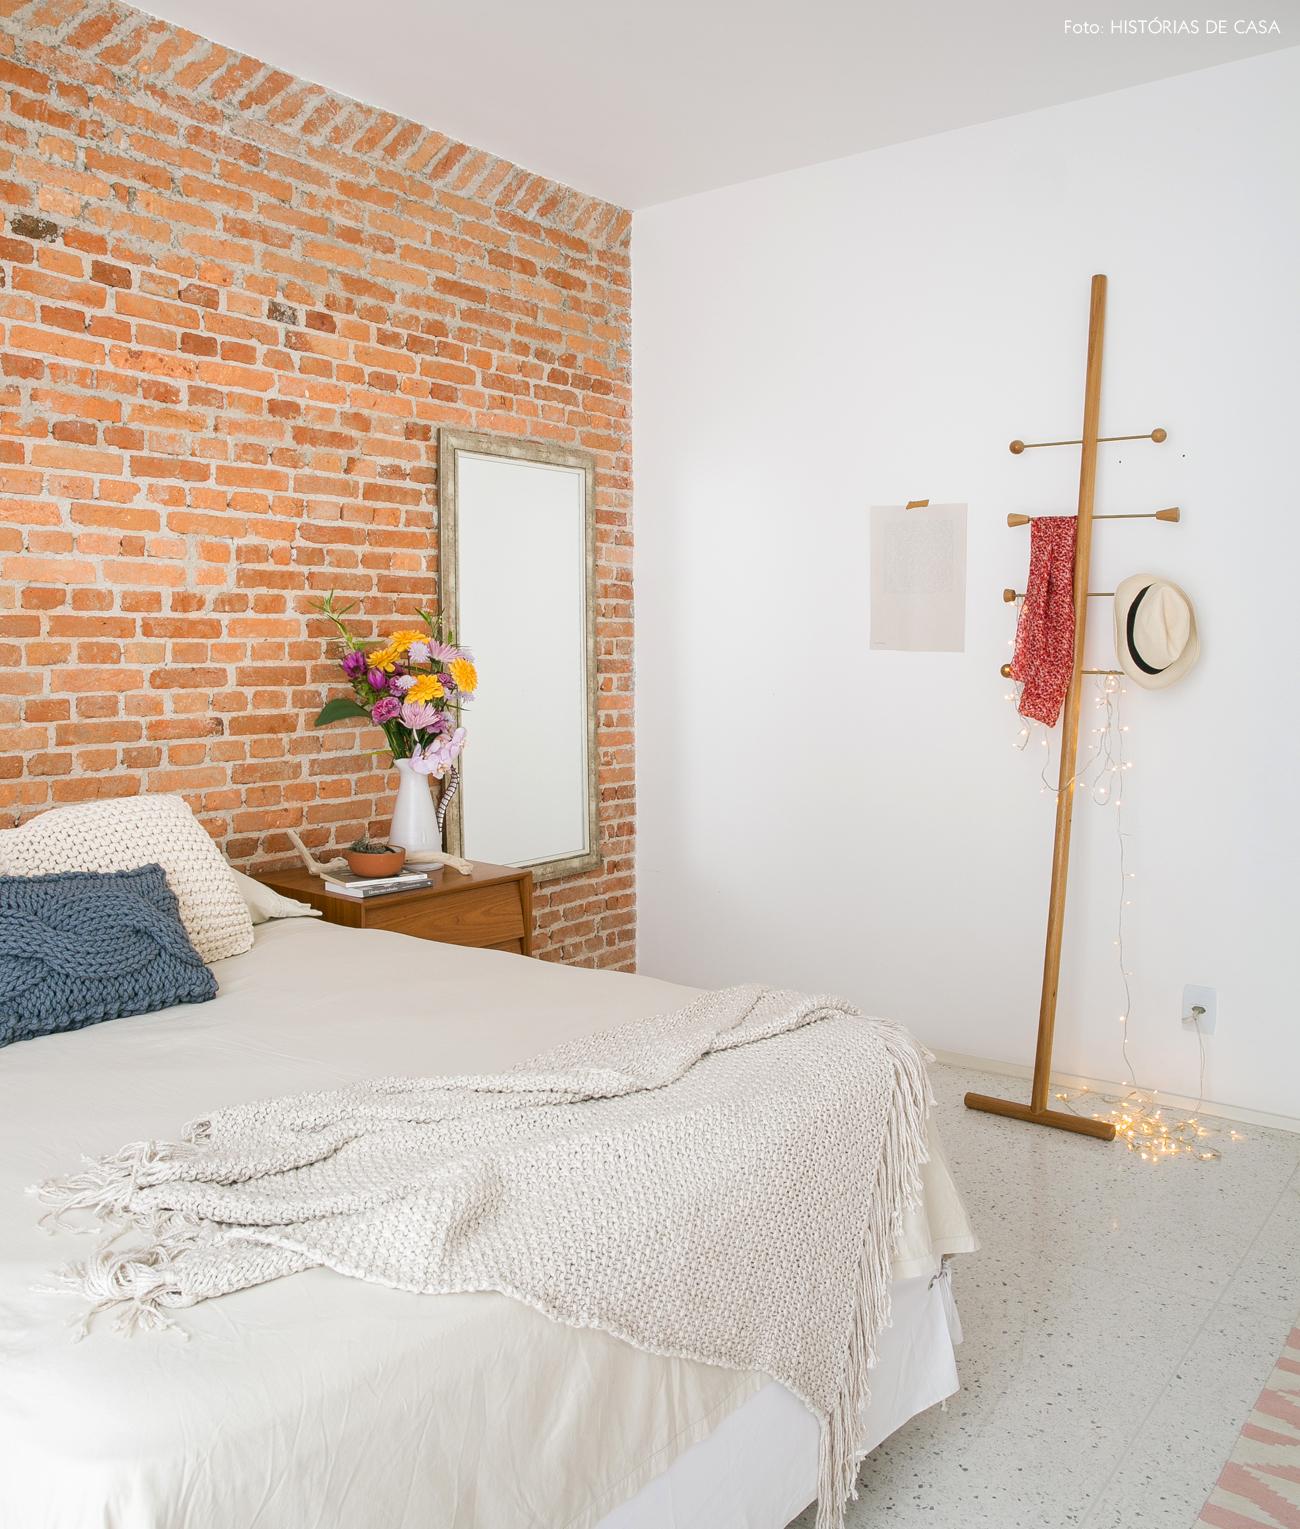 33-decoracao-quarto-parede-tijolinho-mancebo-design